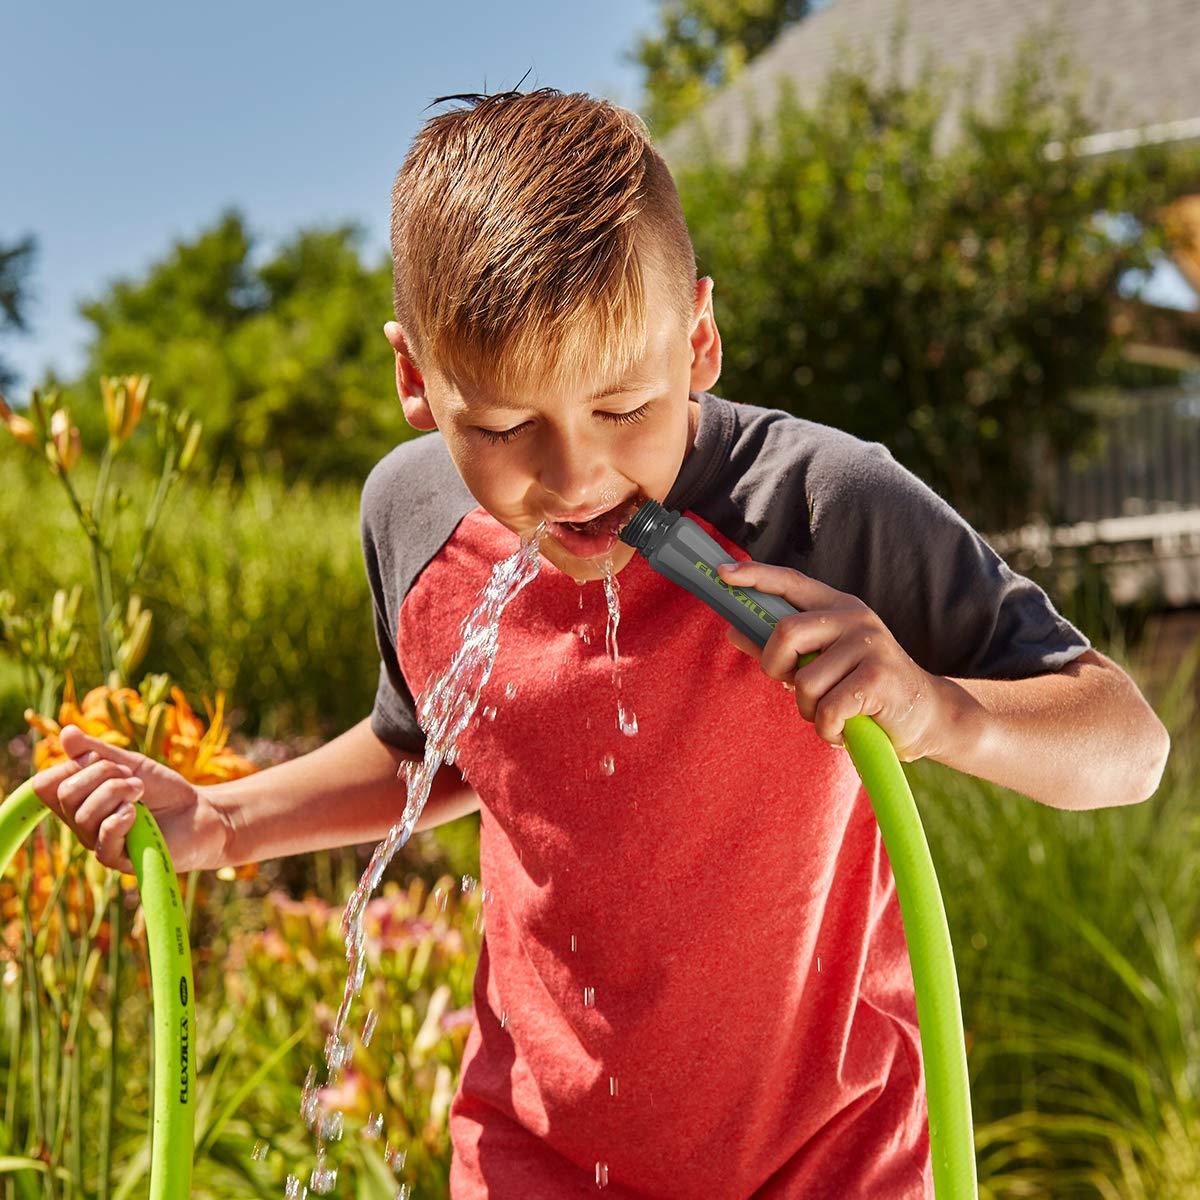 Flexzilla HFZG5100YW Garden Lead-in Hose 5/8 in. x 100 ft, Heavy Duty, Lightweight, Drinking Water Safe, Green